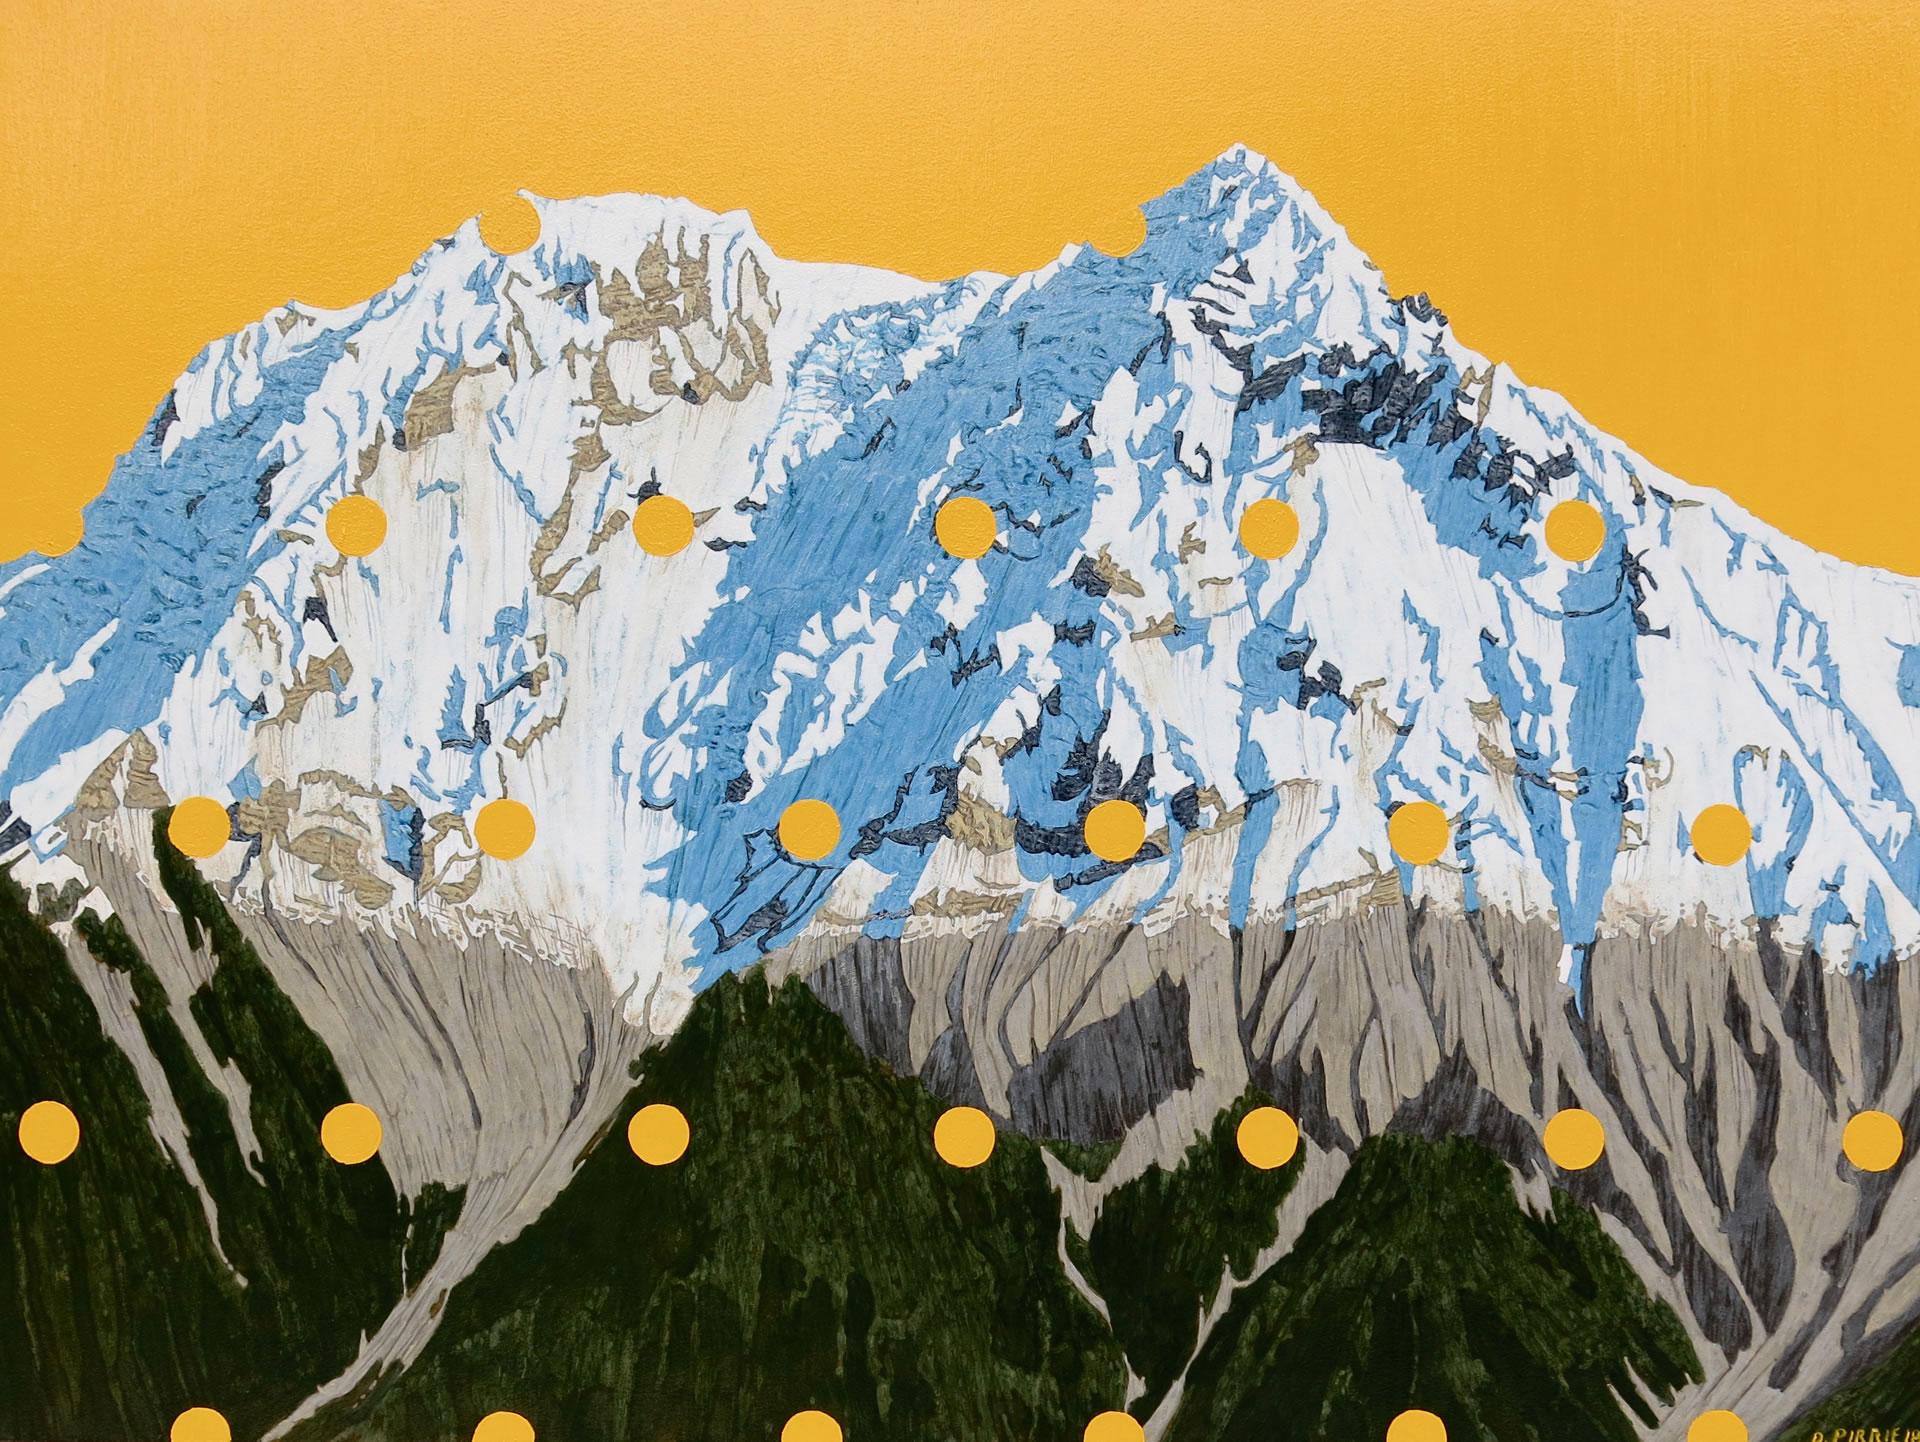 David-Pirrie-Mt-Garibaldi-West-Face-24x32-Online-Art-Galleries